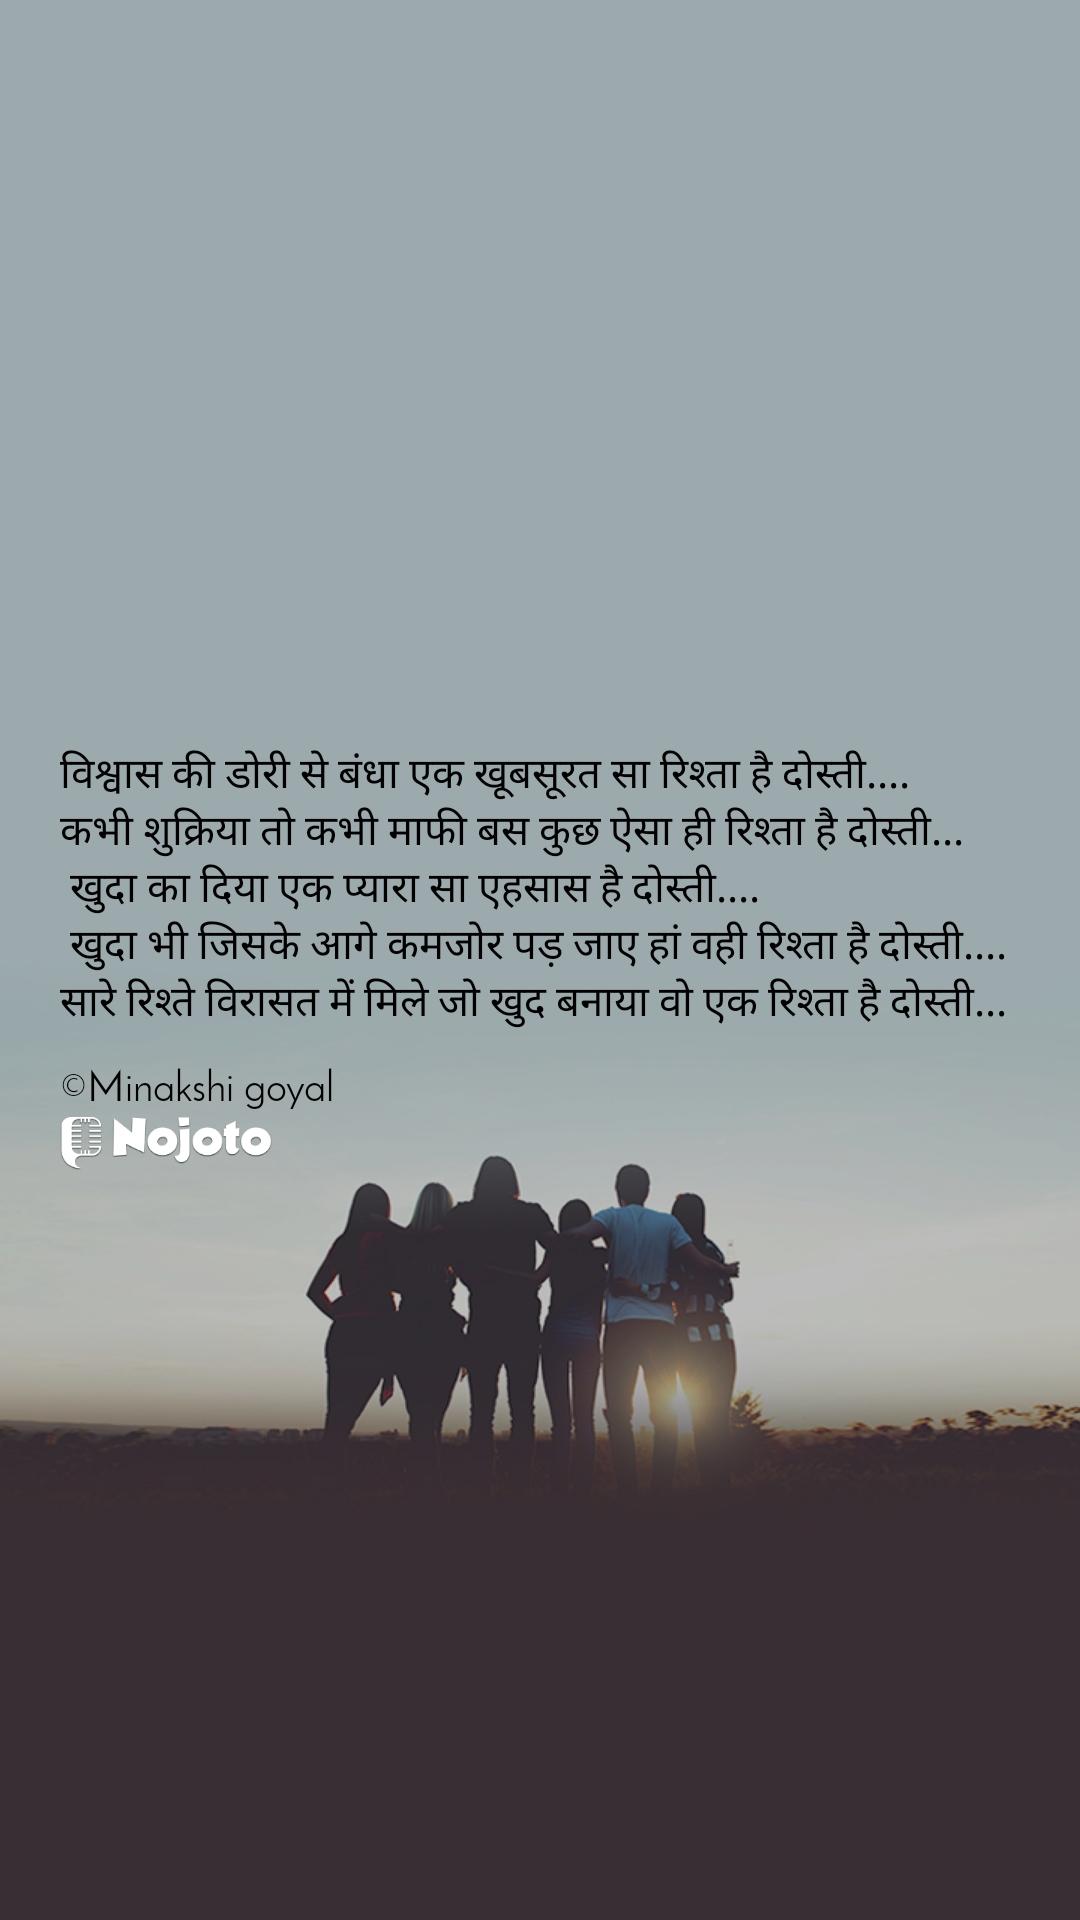 विश्वास की डोरी से बंधा एक खूबसूरत सा रिश्ता है दोस्ती....  कभी शुक्रिया तो कभी माफी बस कुछ ऐसा ही रिश्ता है दोस्ती...   खुदा का दिया एक प्यारा सा एहसास है दोस्ती....   खुदा भी जिसके आगे कमजोर पड़ जाए हां वही रिश्ता है दोस्ती.... सारे रिश्ते विरासत में मिले जो खुद बनाया वो एक रिश्ता है दोस्ती...  ©Minakshi goyal